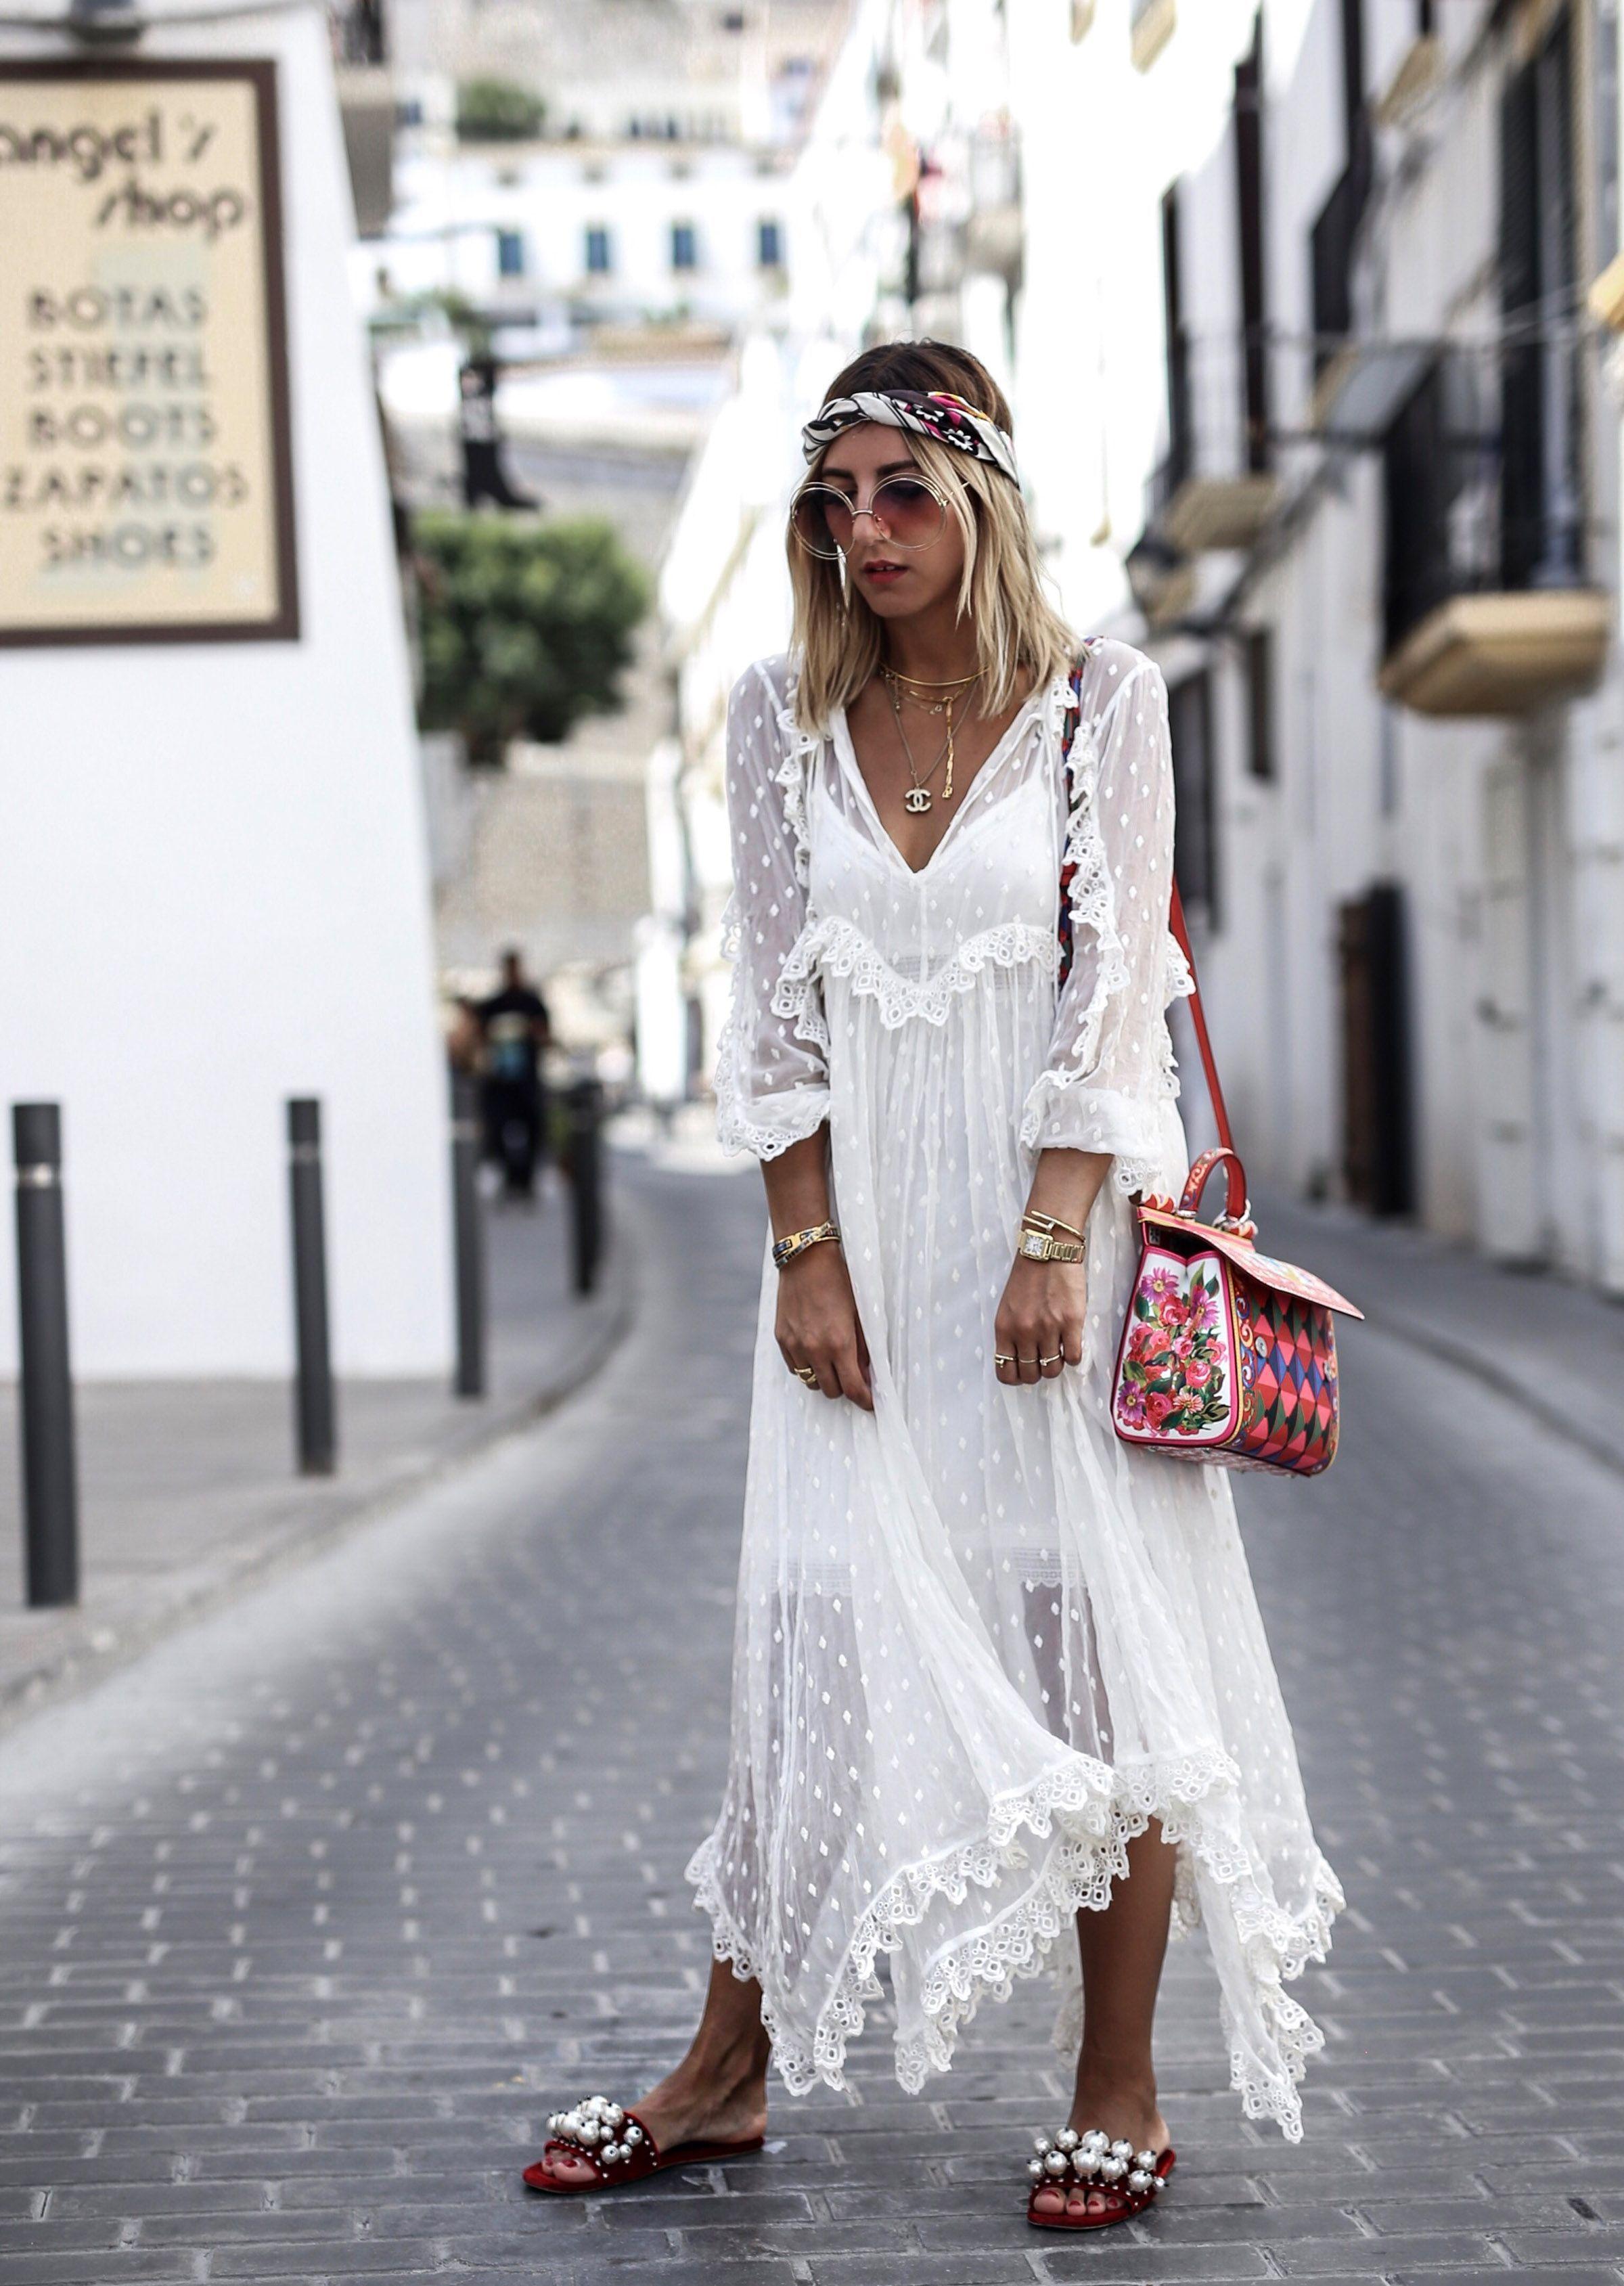 Weißes Kleid Ibiza Style   Abendkleid Ideen   Ibiza outfits, Ibiza ...